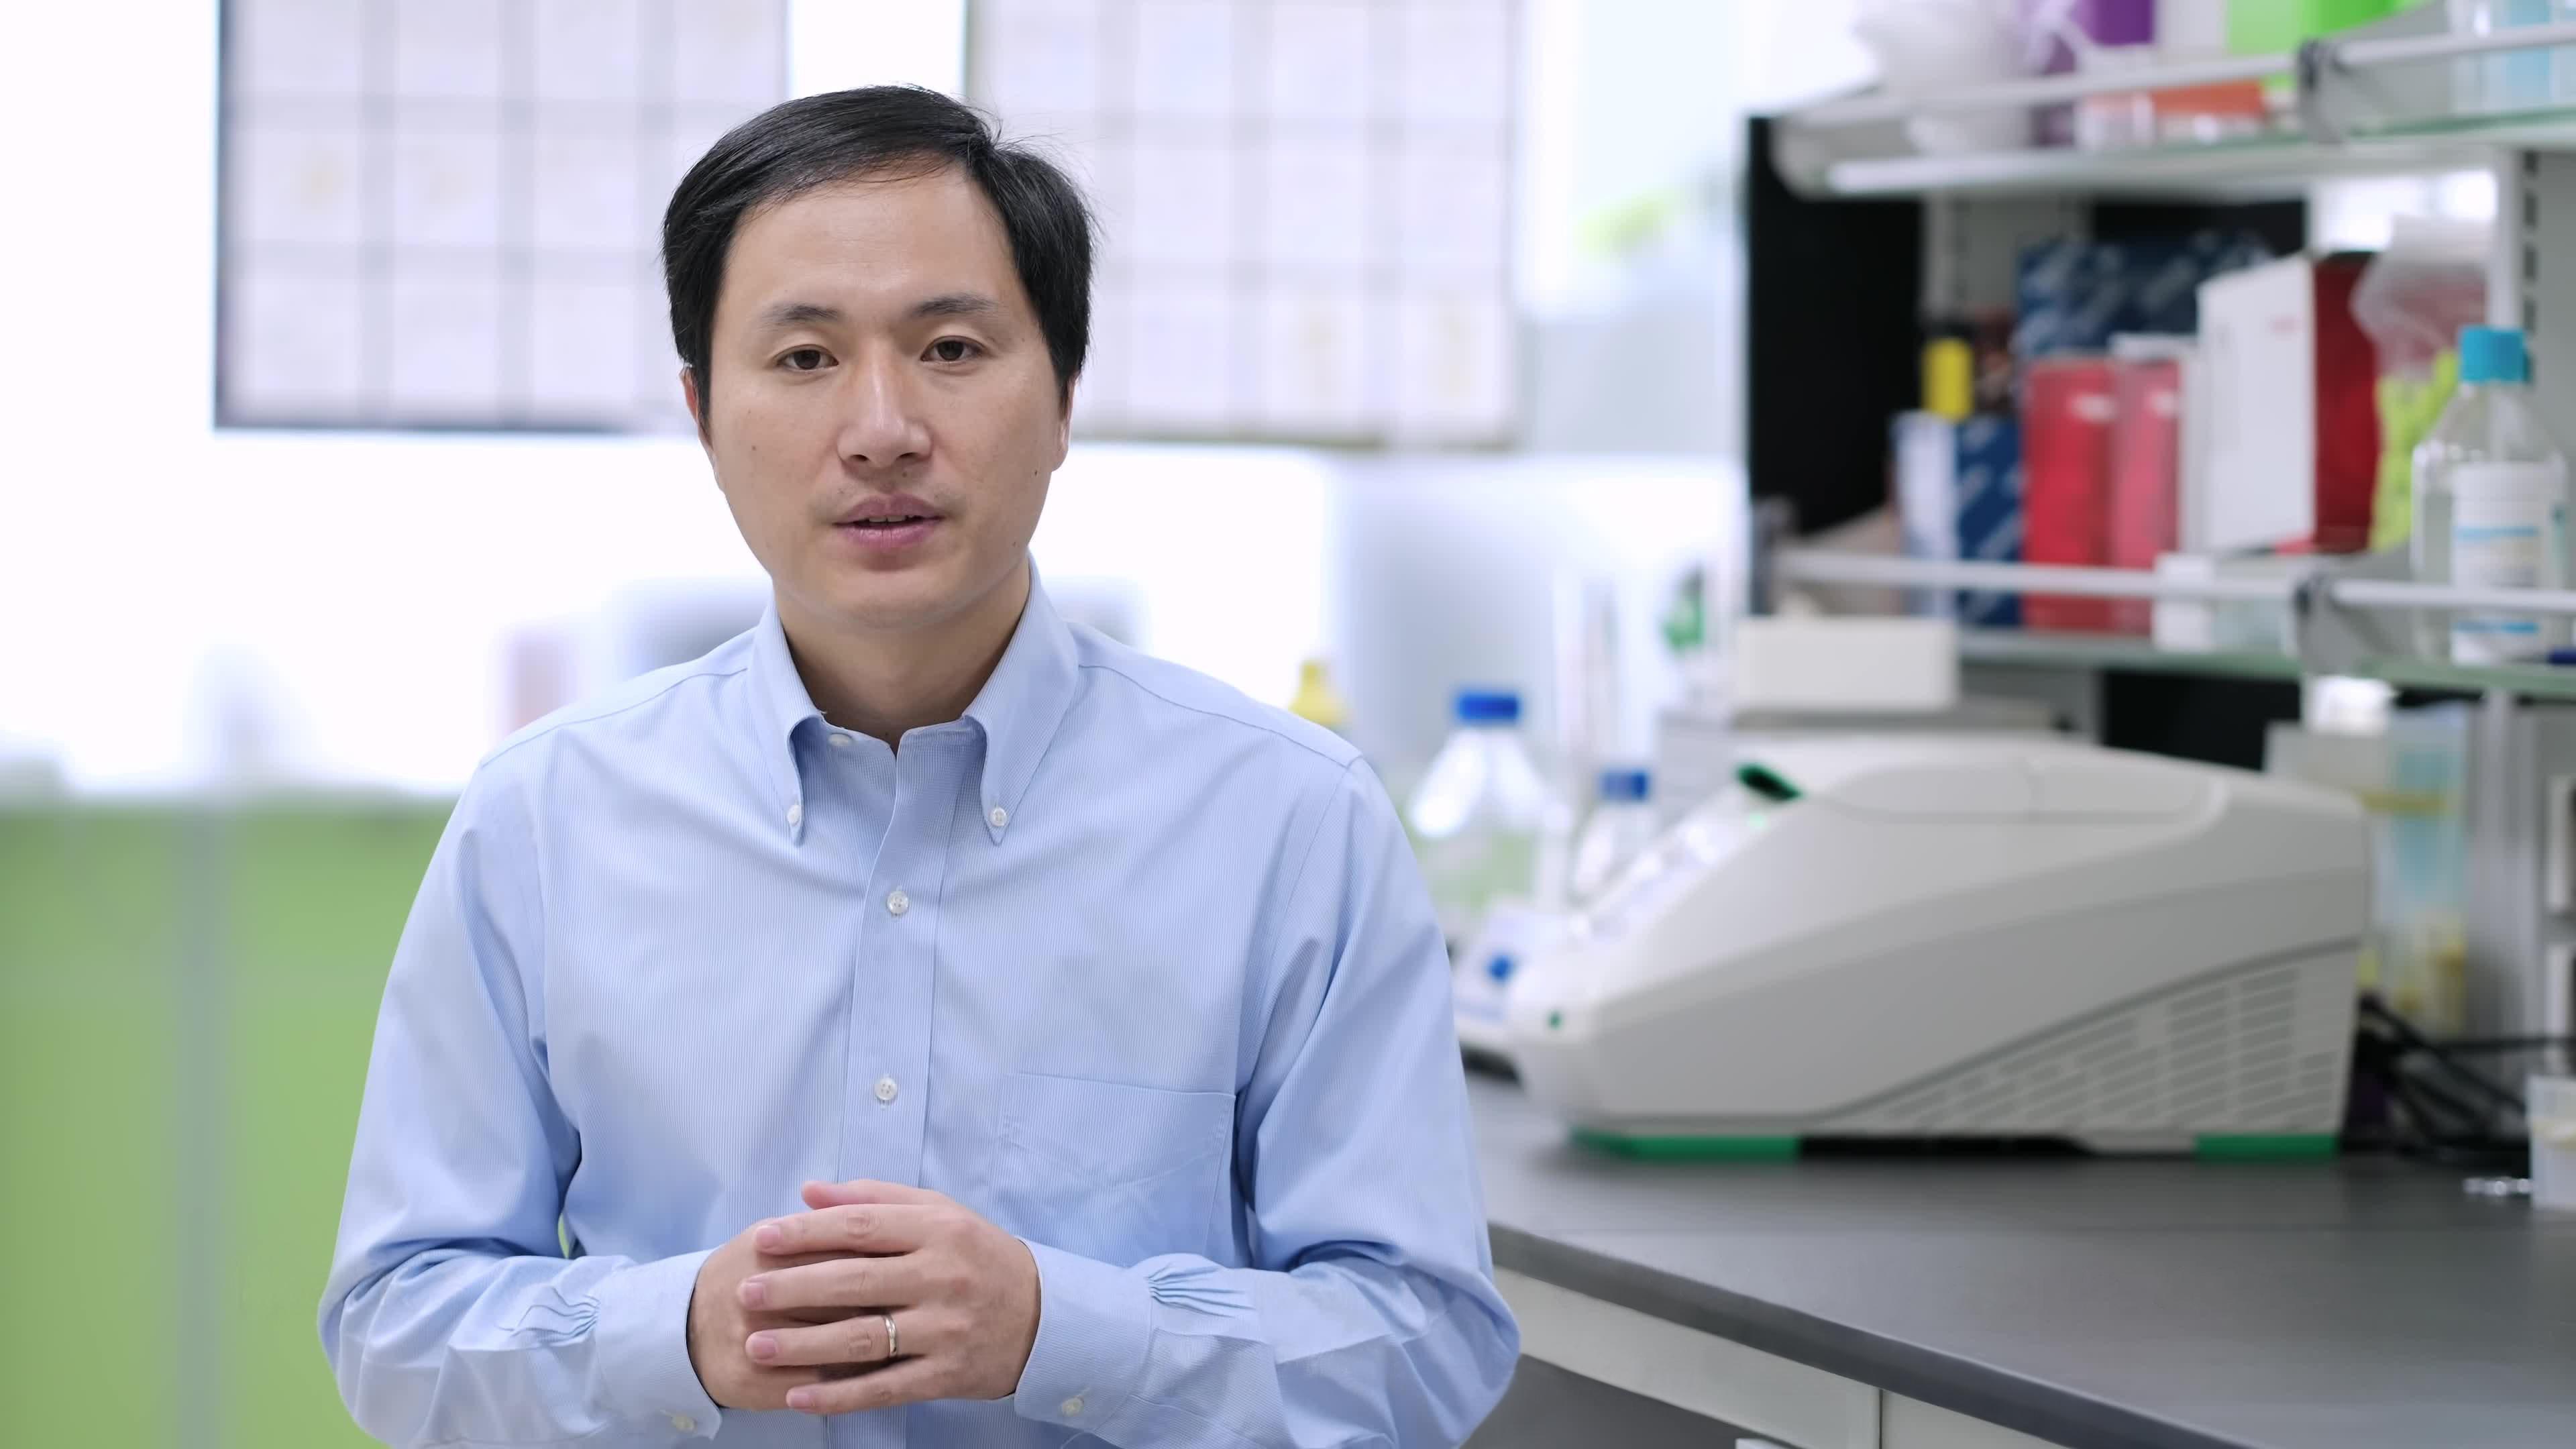 I přes všeobecné pohoršení okolí je Che Ťien-kchuej na svou práci hrdý. Změní tím medicínu?